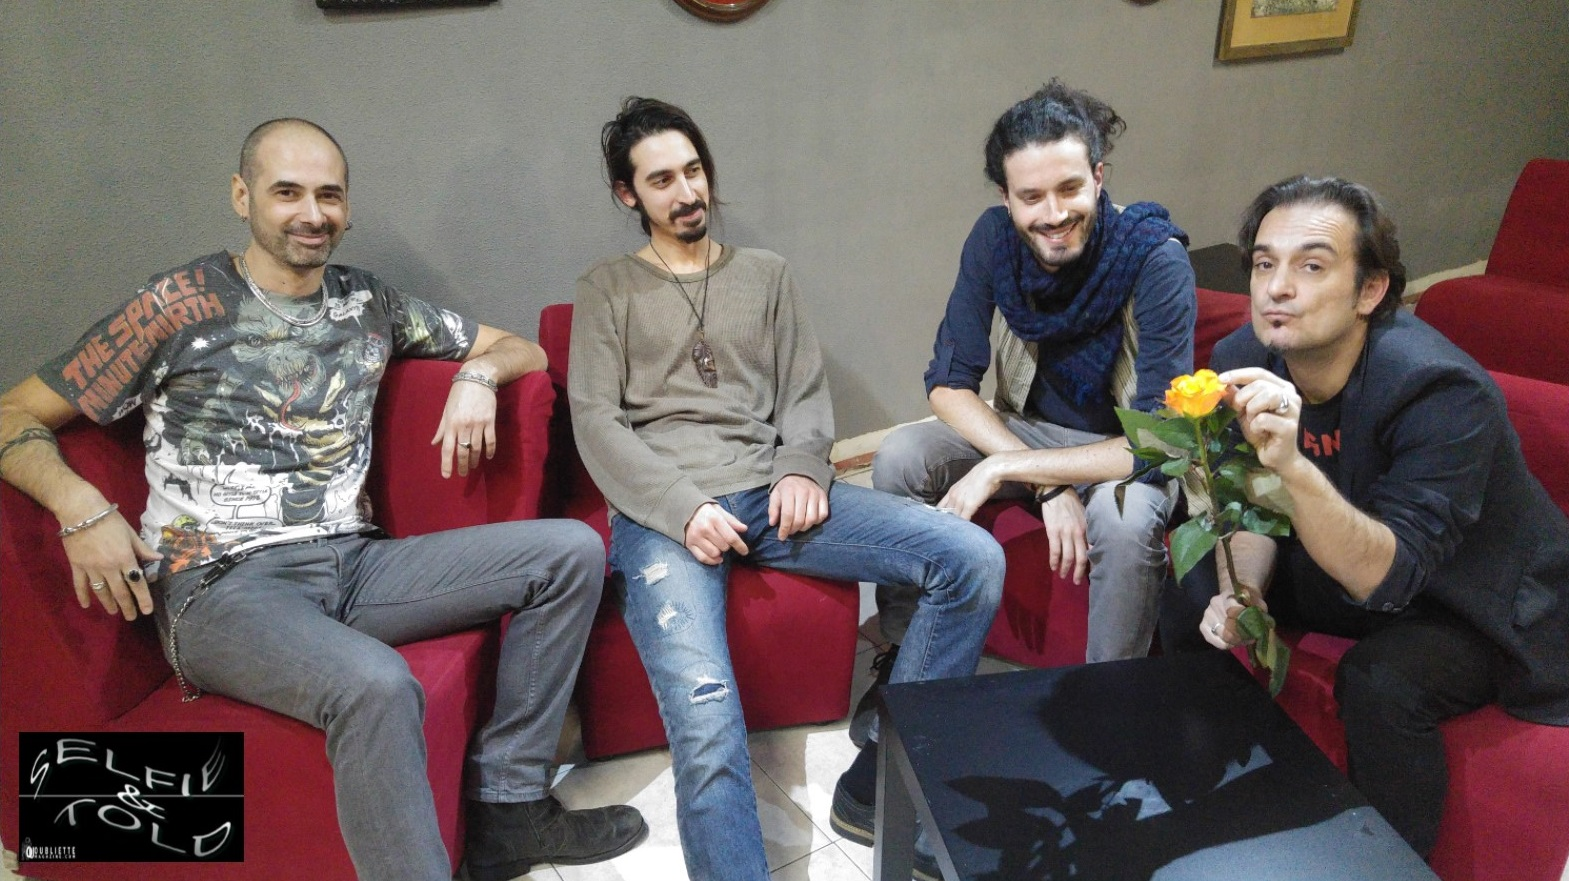 """Selfie & Told: la band Guignol racconta il nuovo disco """"Porteremo gli stessi panni"""""""